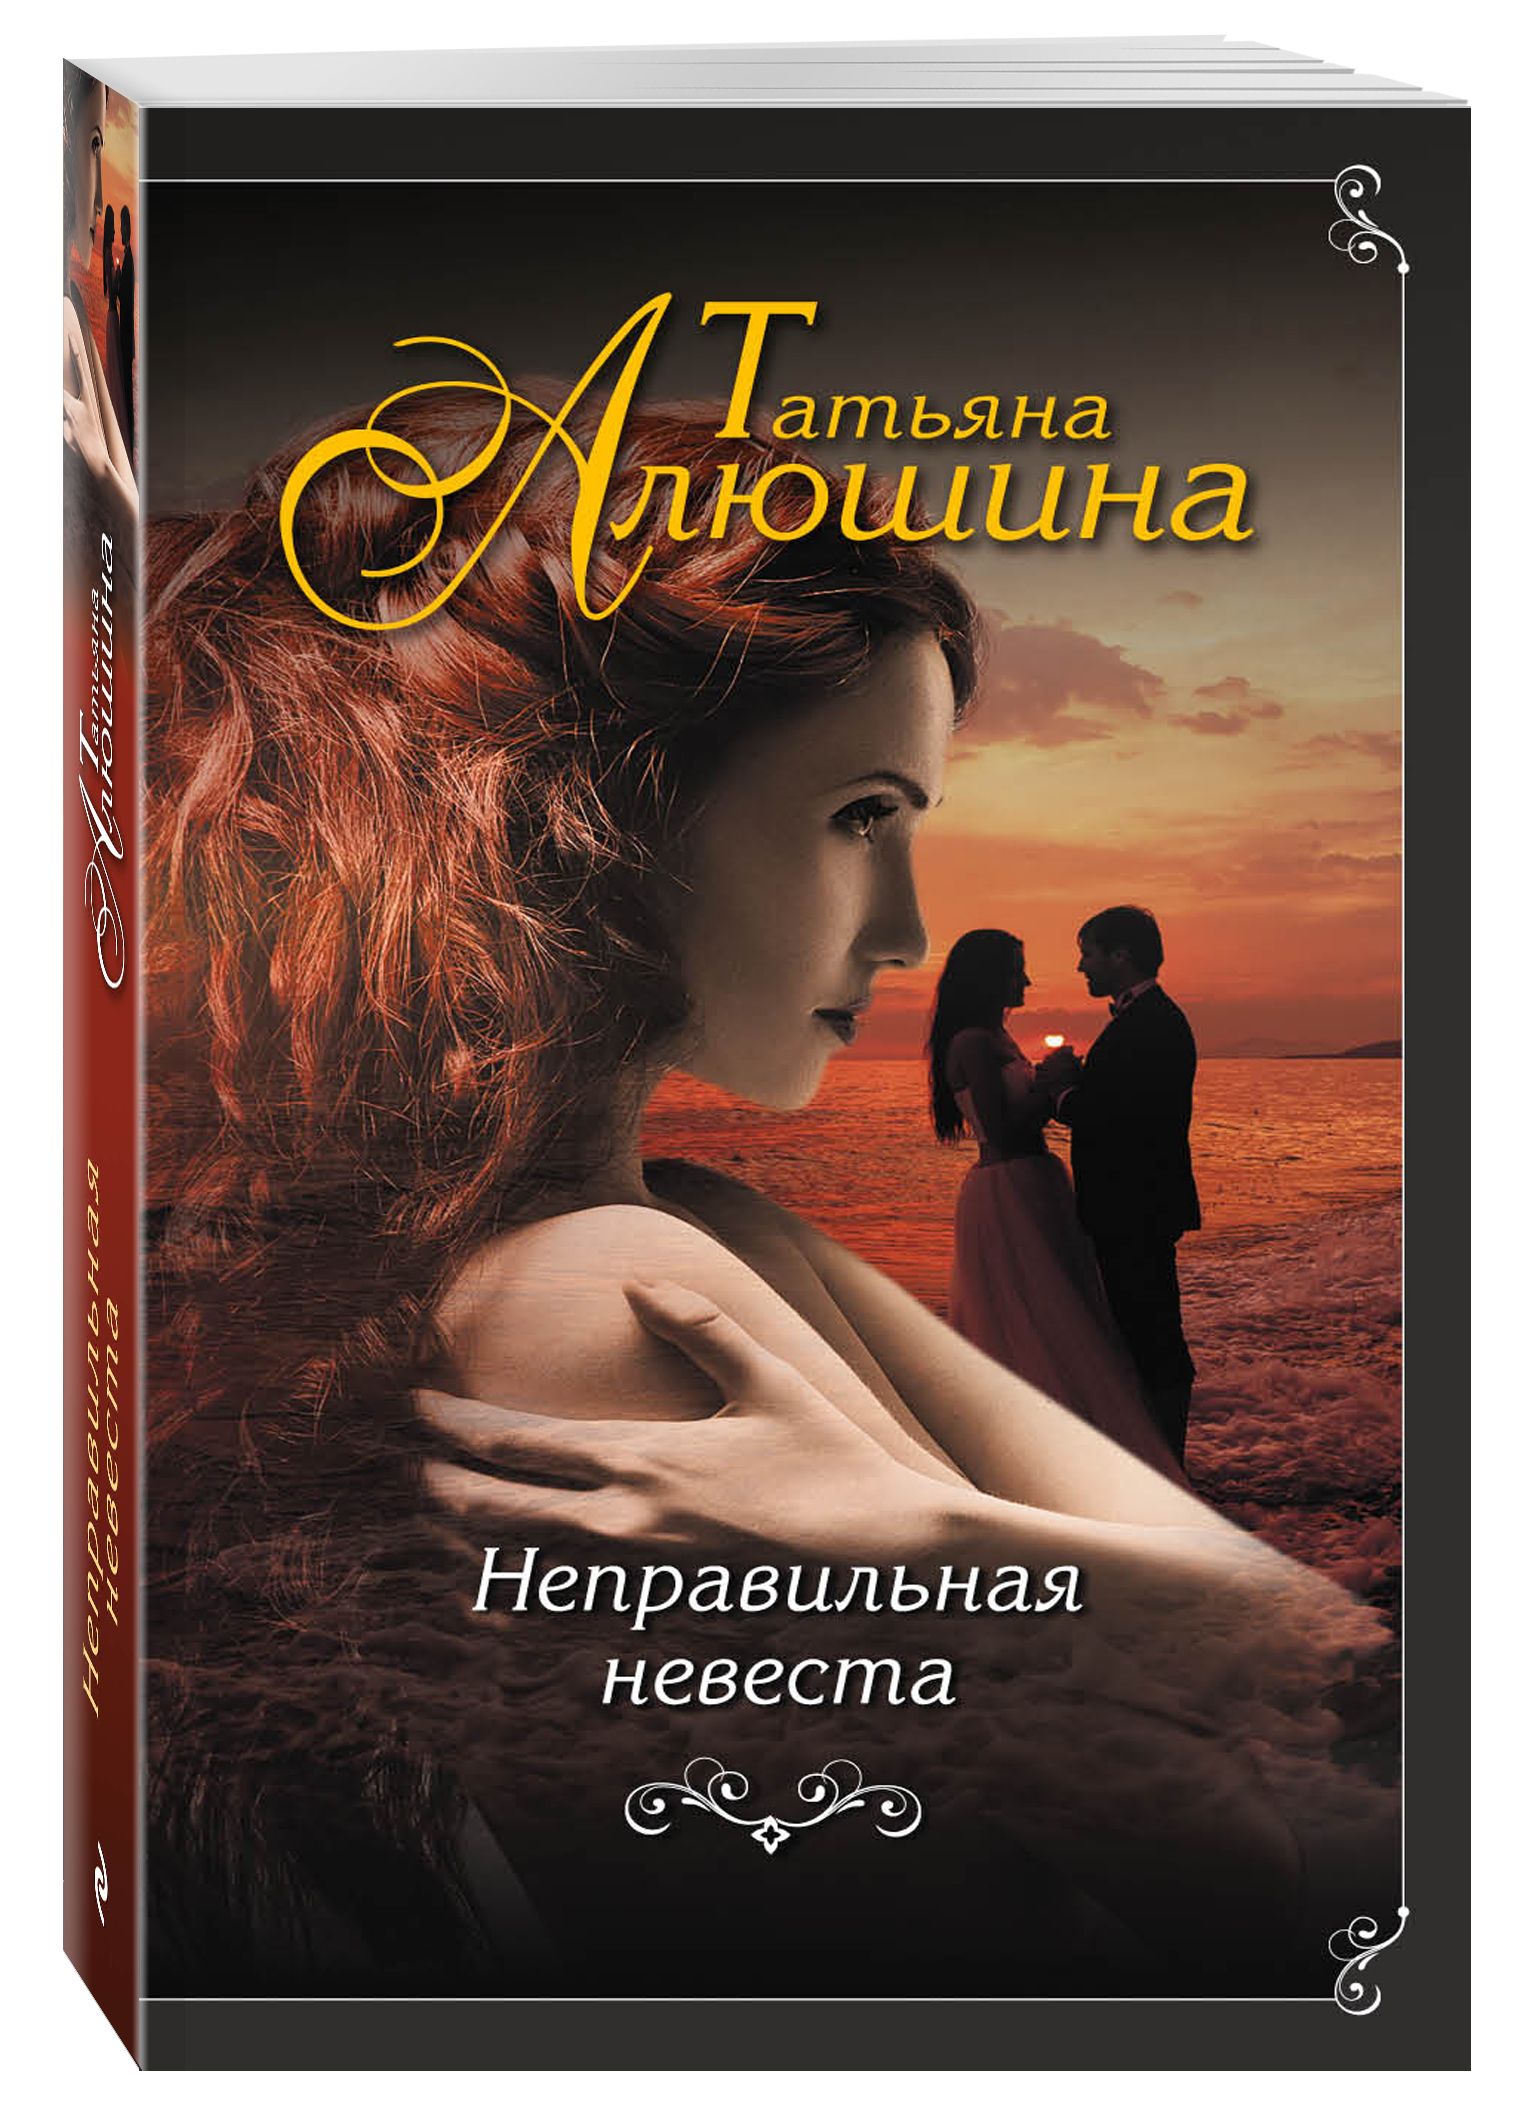 Татьяна Алюшина Неправильная невеста